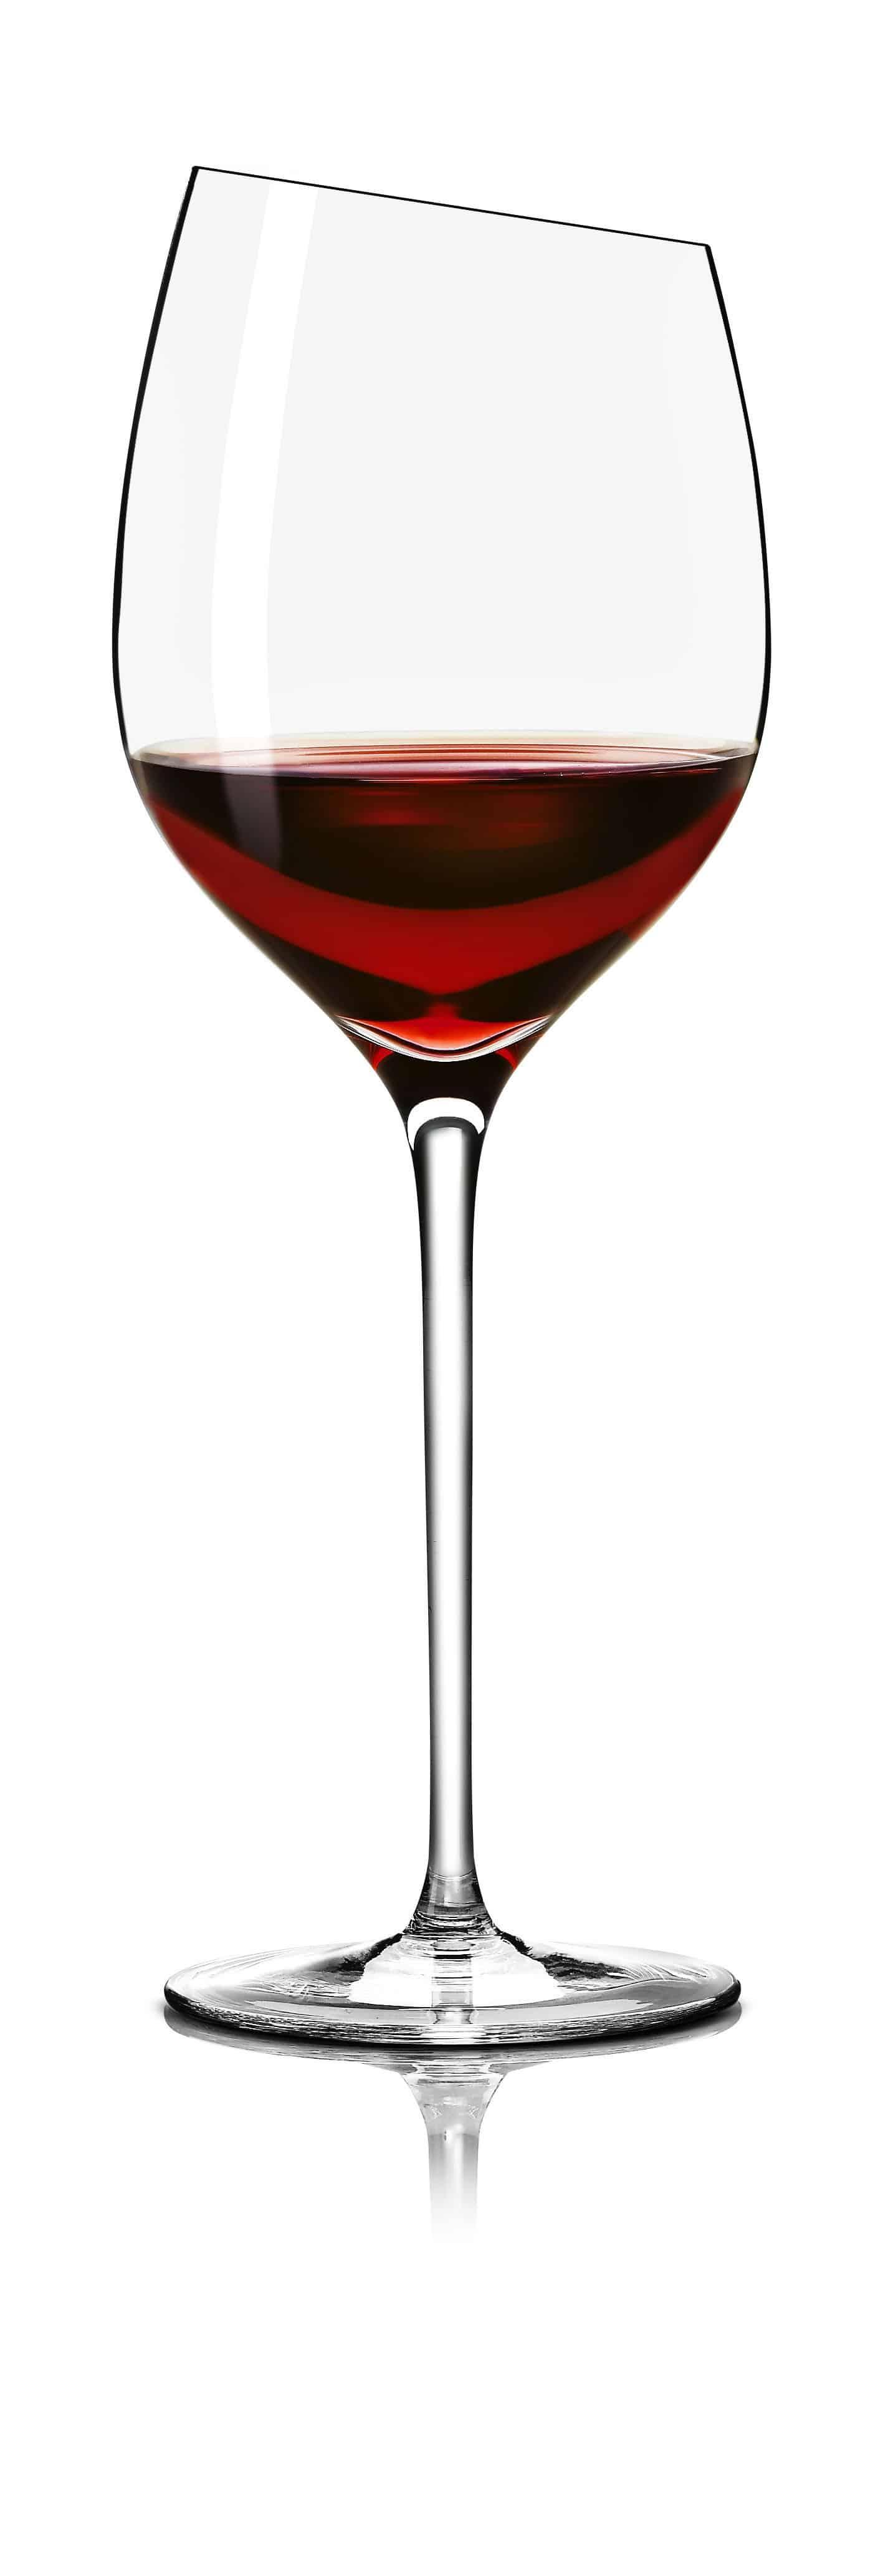 Pourquoi faire une vente de vin sur le web?